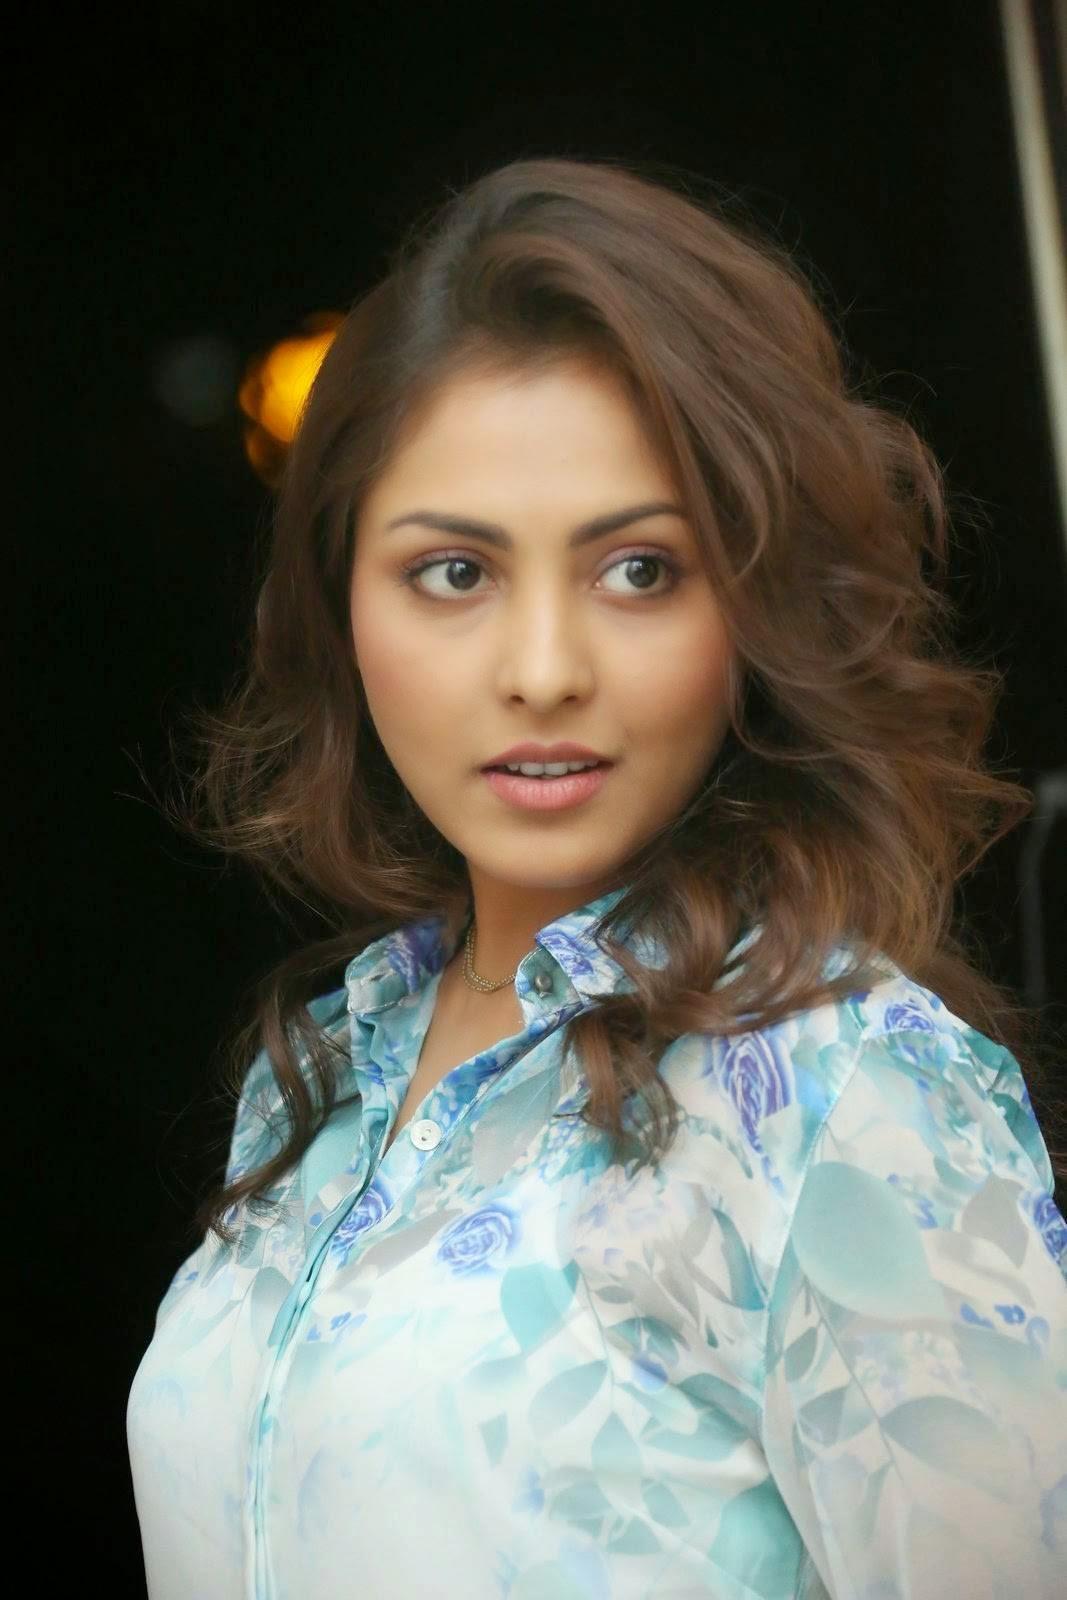 Actress Madhu Shalini Photoshoot Stills, Madhu Shalini Hot Face Close up images